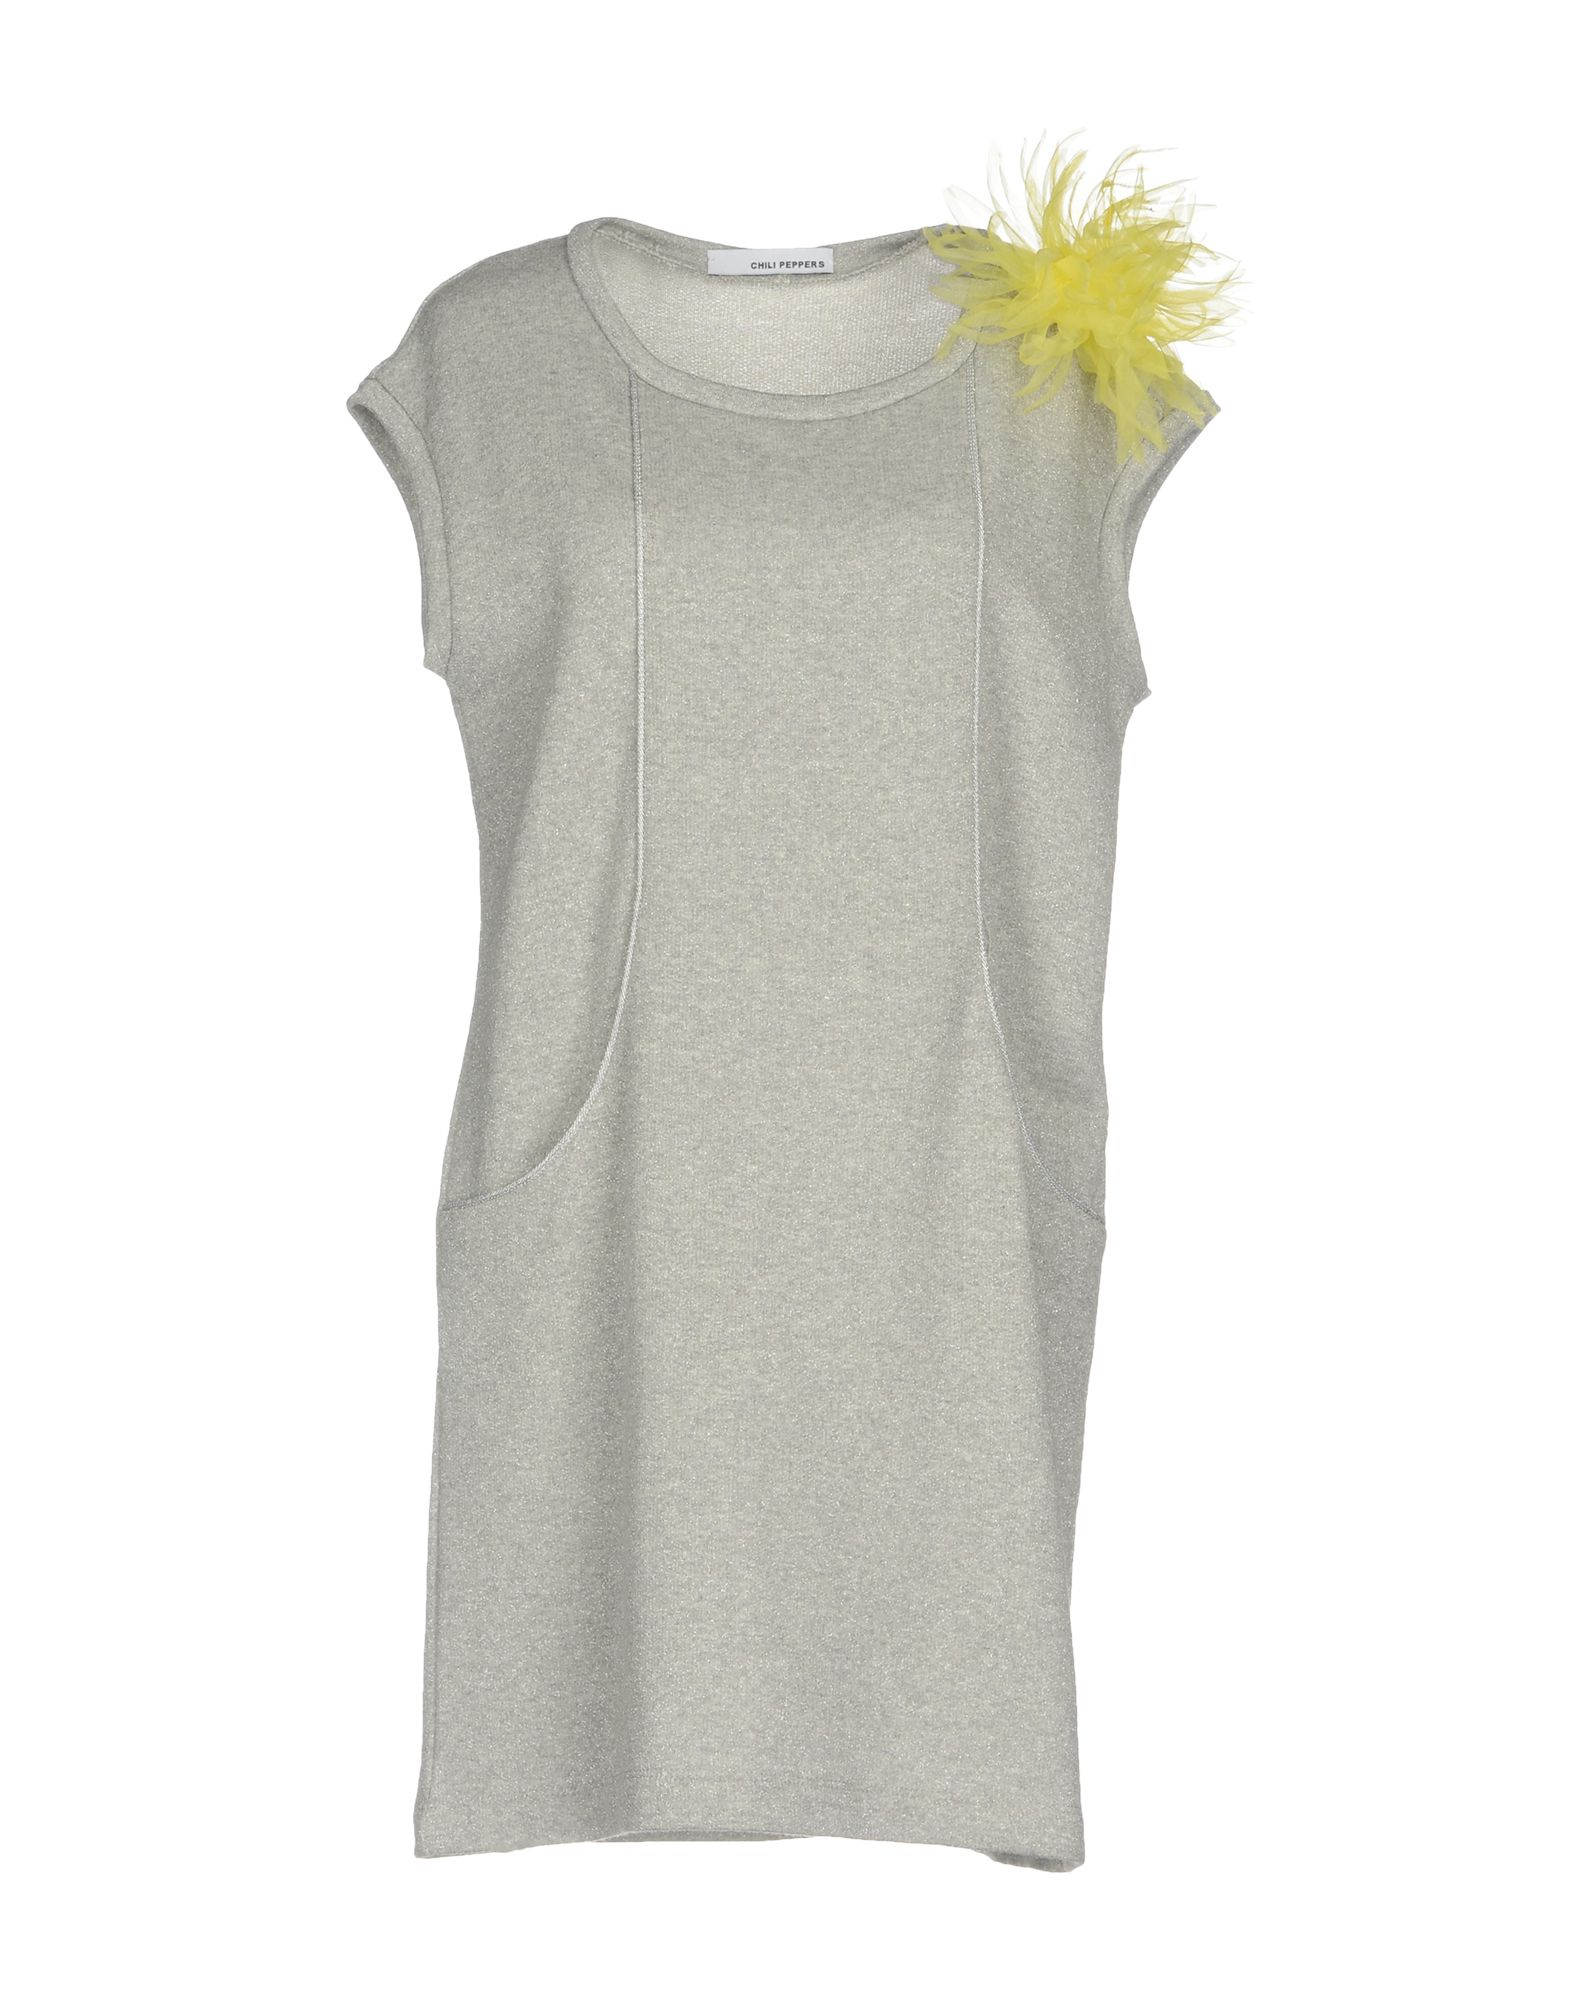 цены на CHILI PEPPERS Короткое платье  в интернет-магазинах